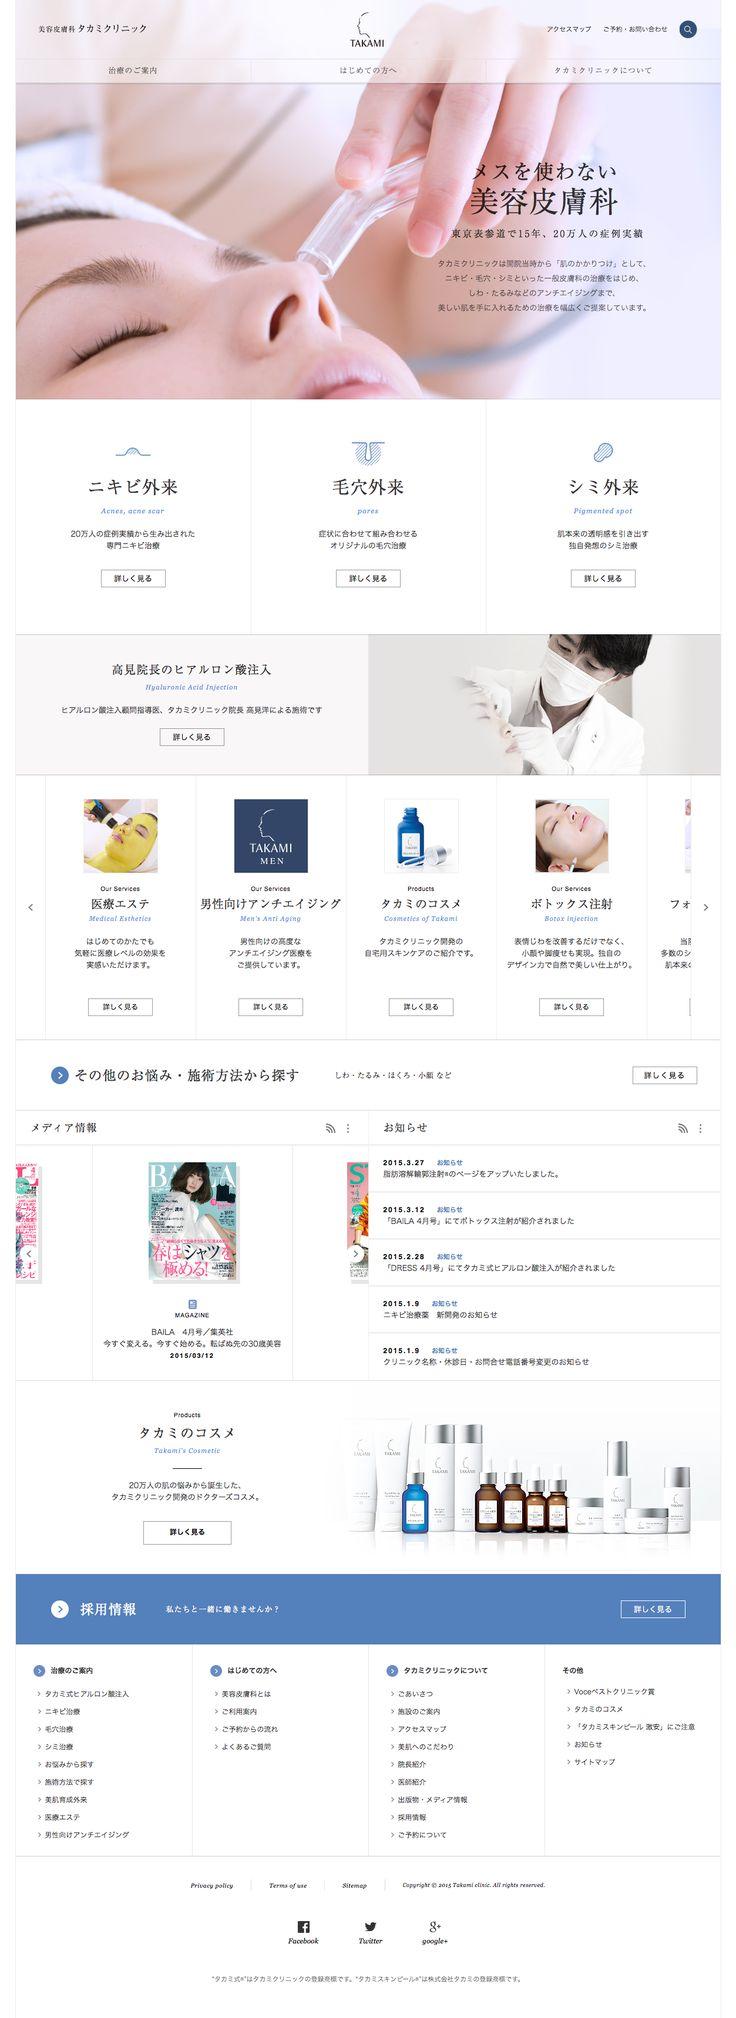 Category - コスメティック・美容:81-web.com【Webデザイン リンク集】